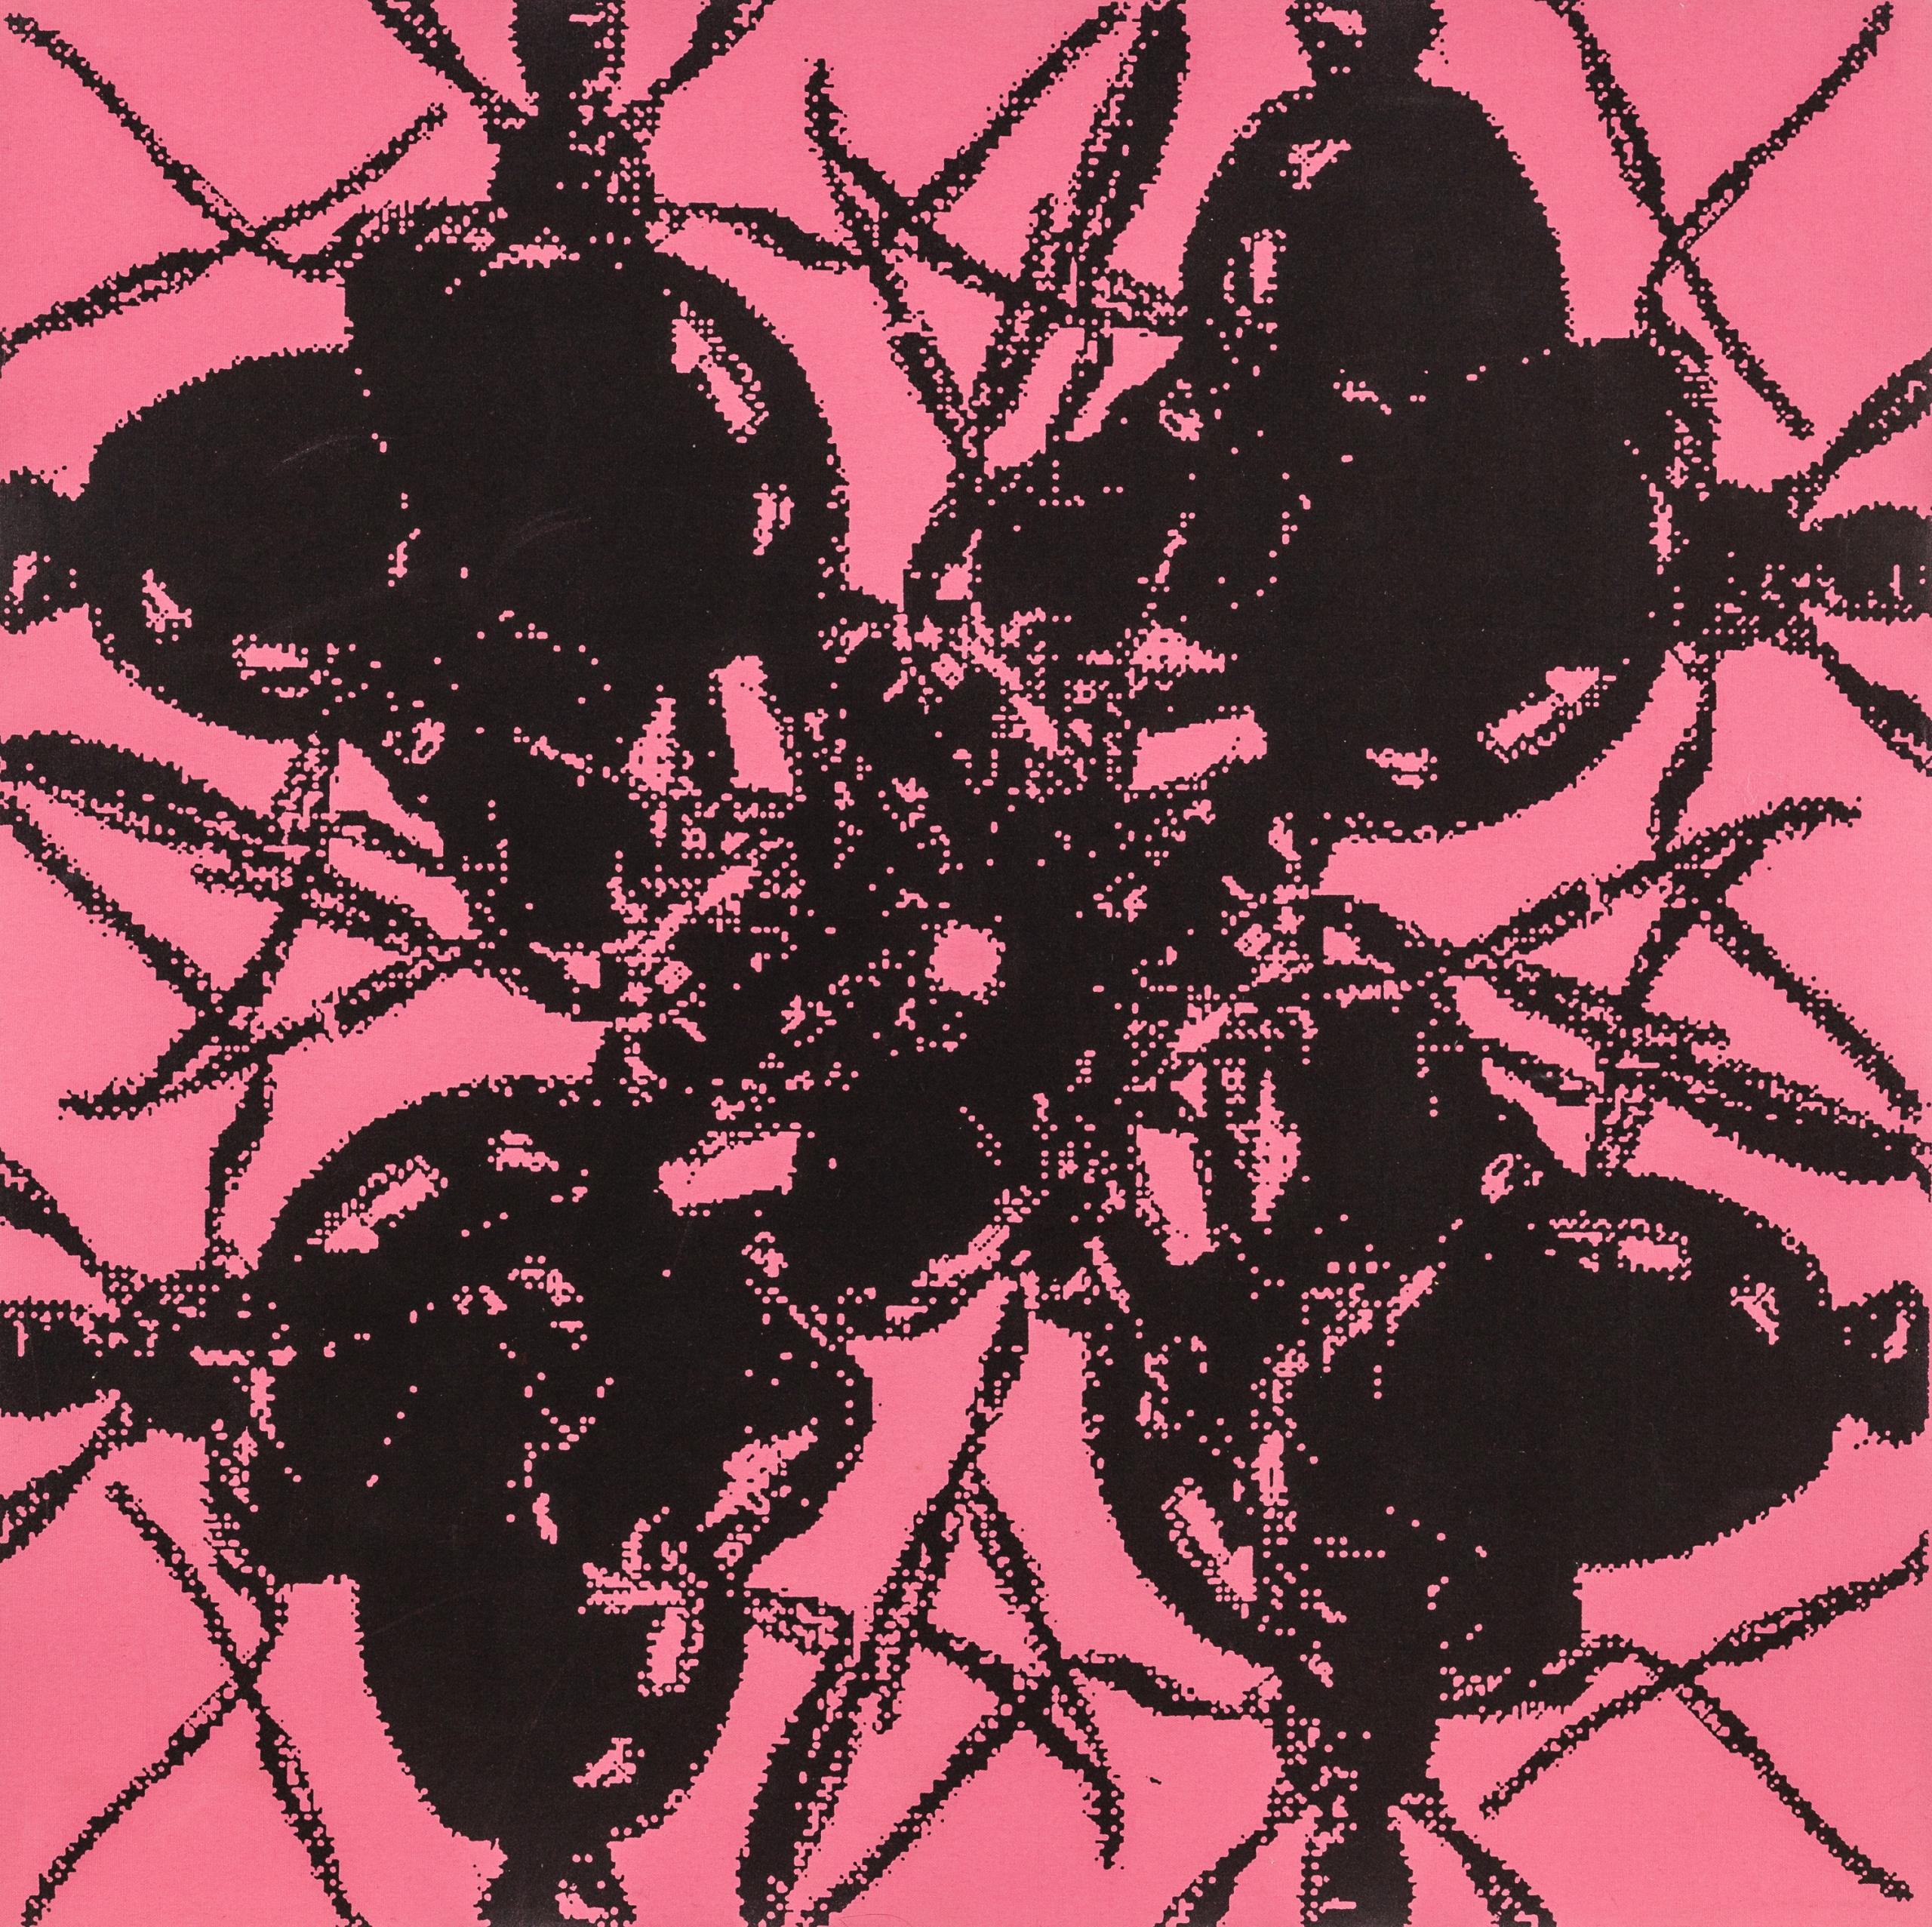 Peter Kogler, Ameisen